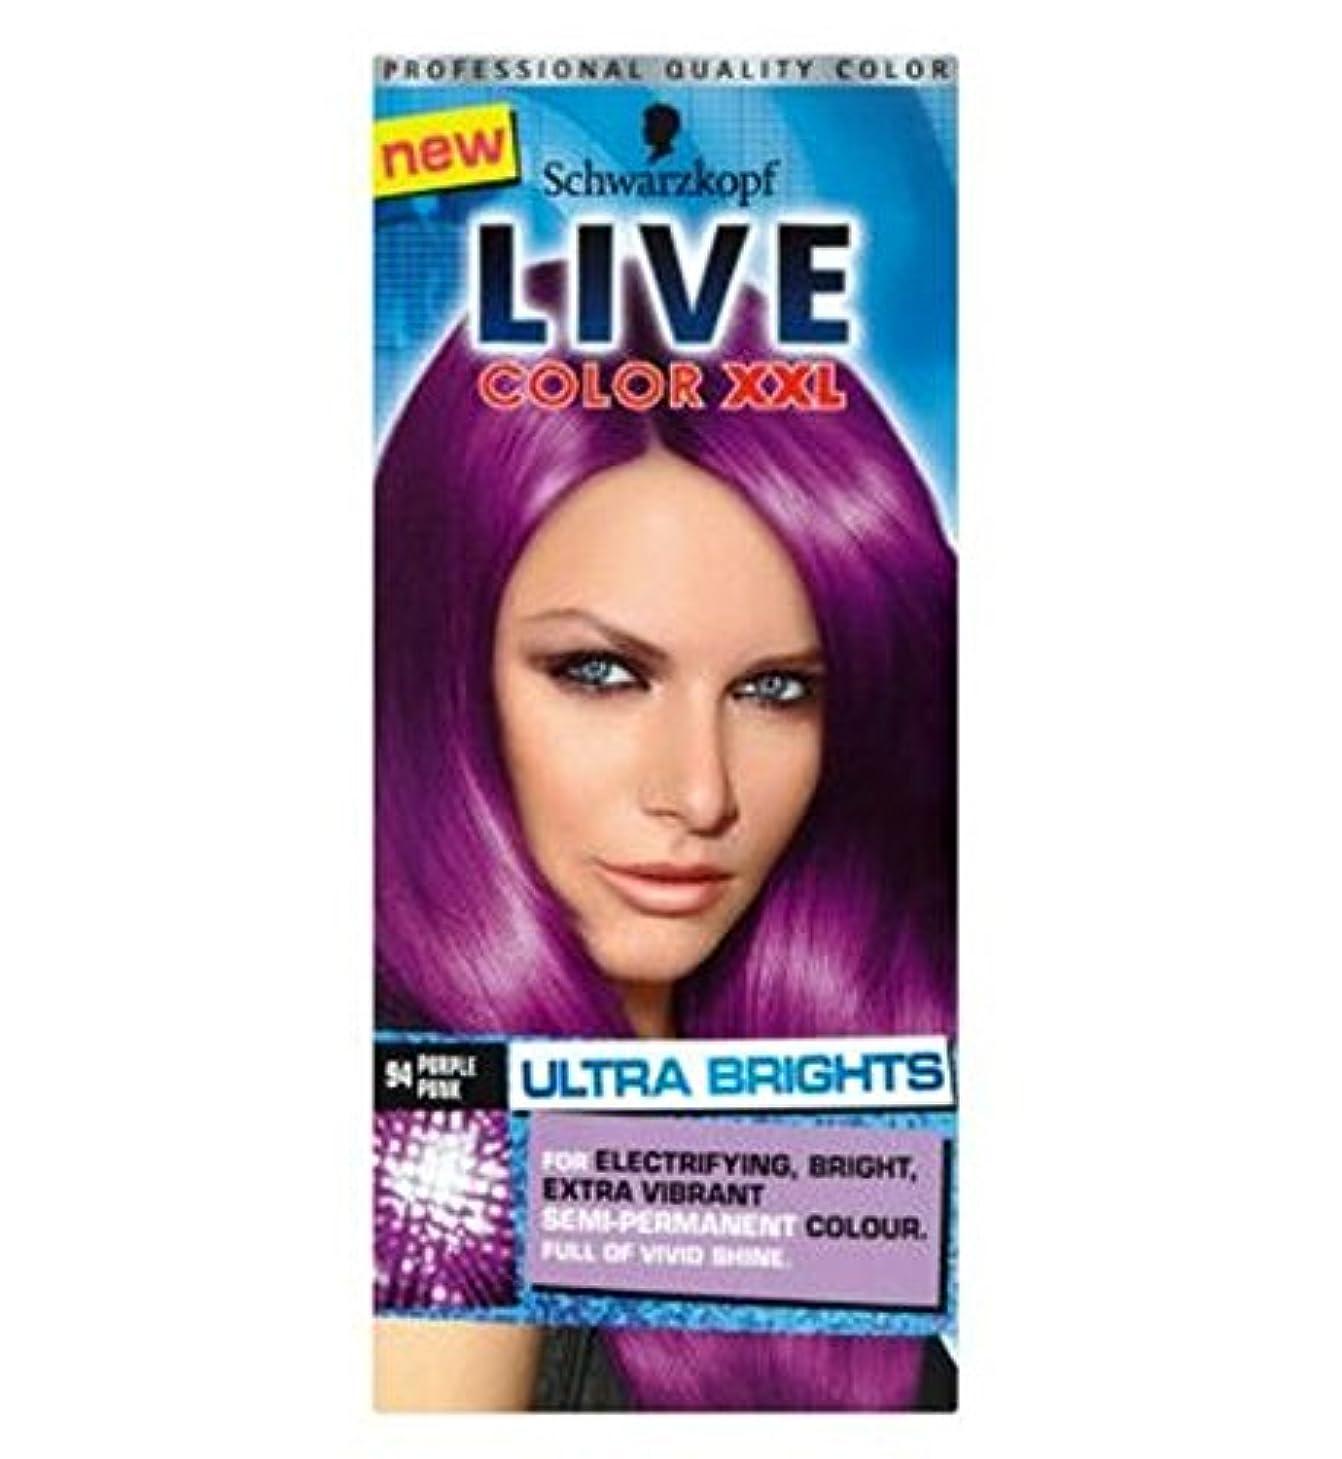 疑い圧縮惨めなシュワルツコフライブカラーXxl超輝94紫パンク半永久的な紫色の染毛剤 (Schwarzkopf) (x2) - Schwarzkopf LIVE Color XXL Ultra Brights 94 Purple Punk Semi-Permanent Purple Hair Dye (Pack of 2) [並行輸入品]